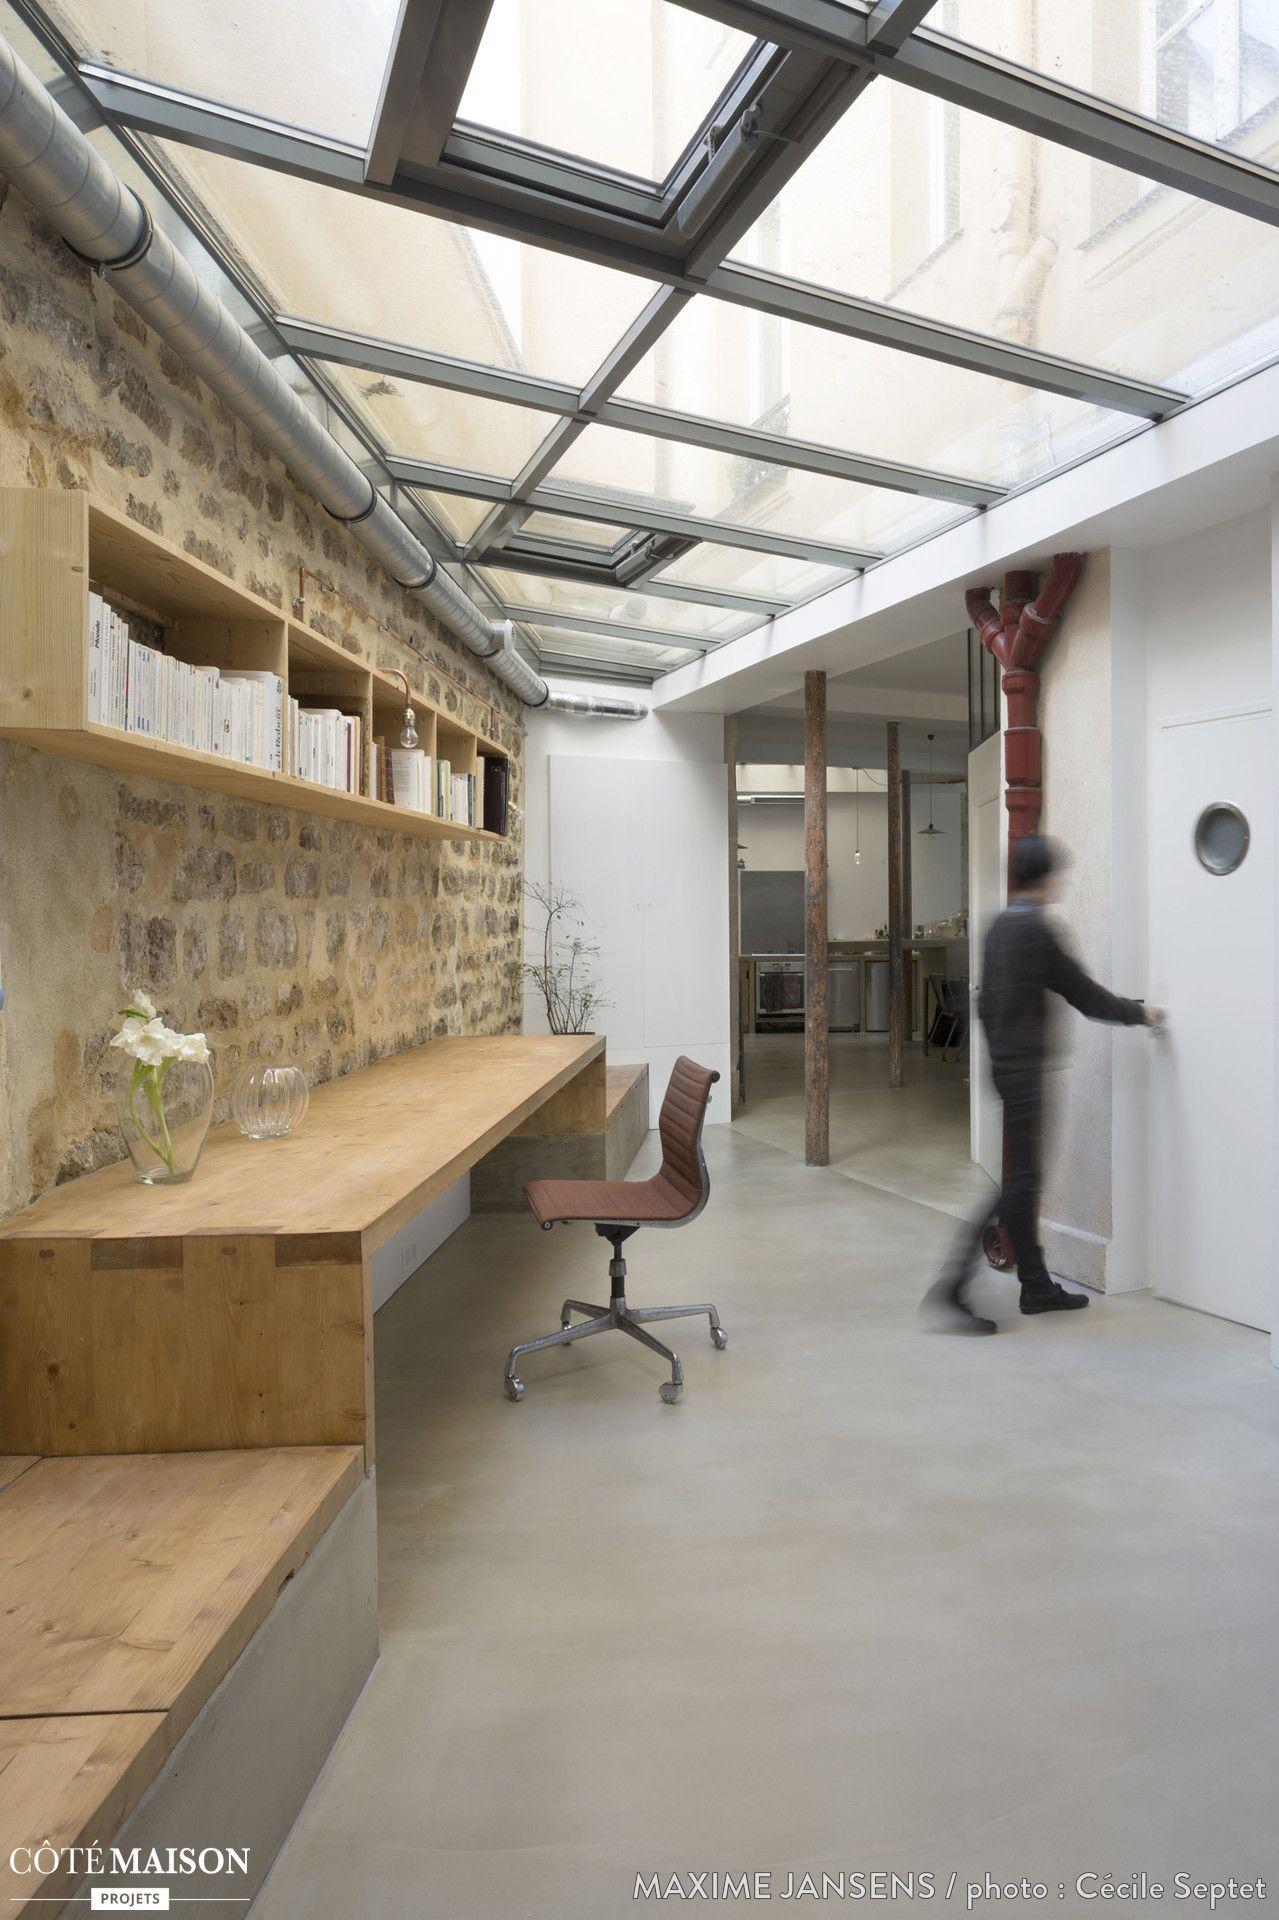 aménagement d'un loft paris 10ème, maxime jansens architecte - côté